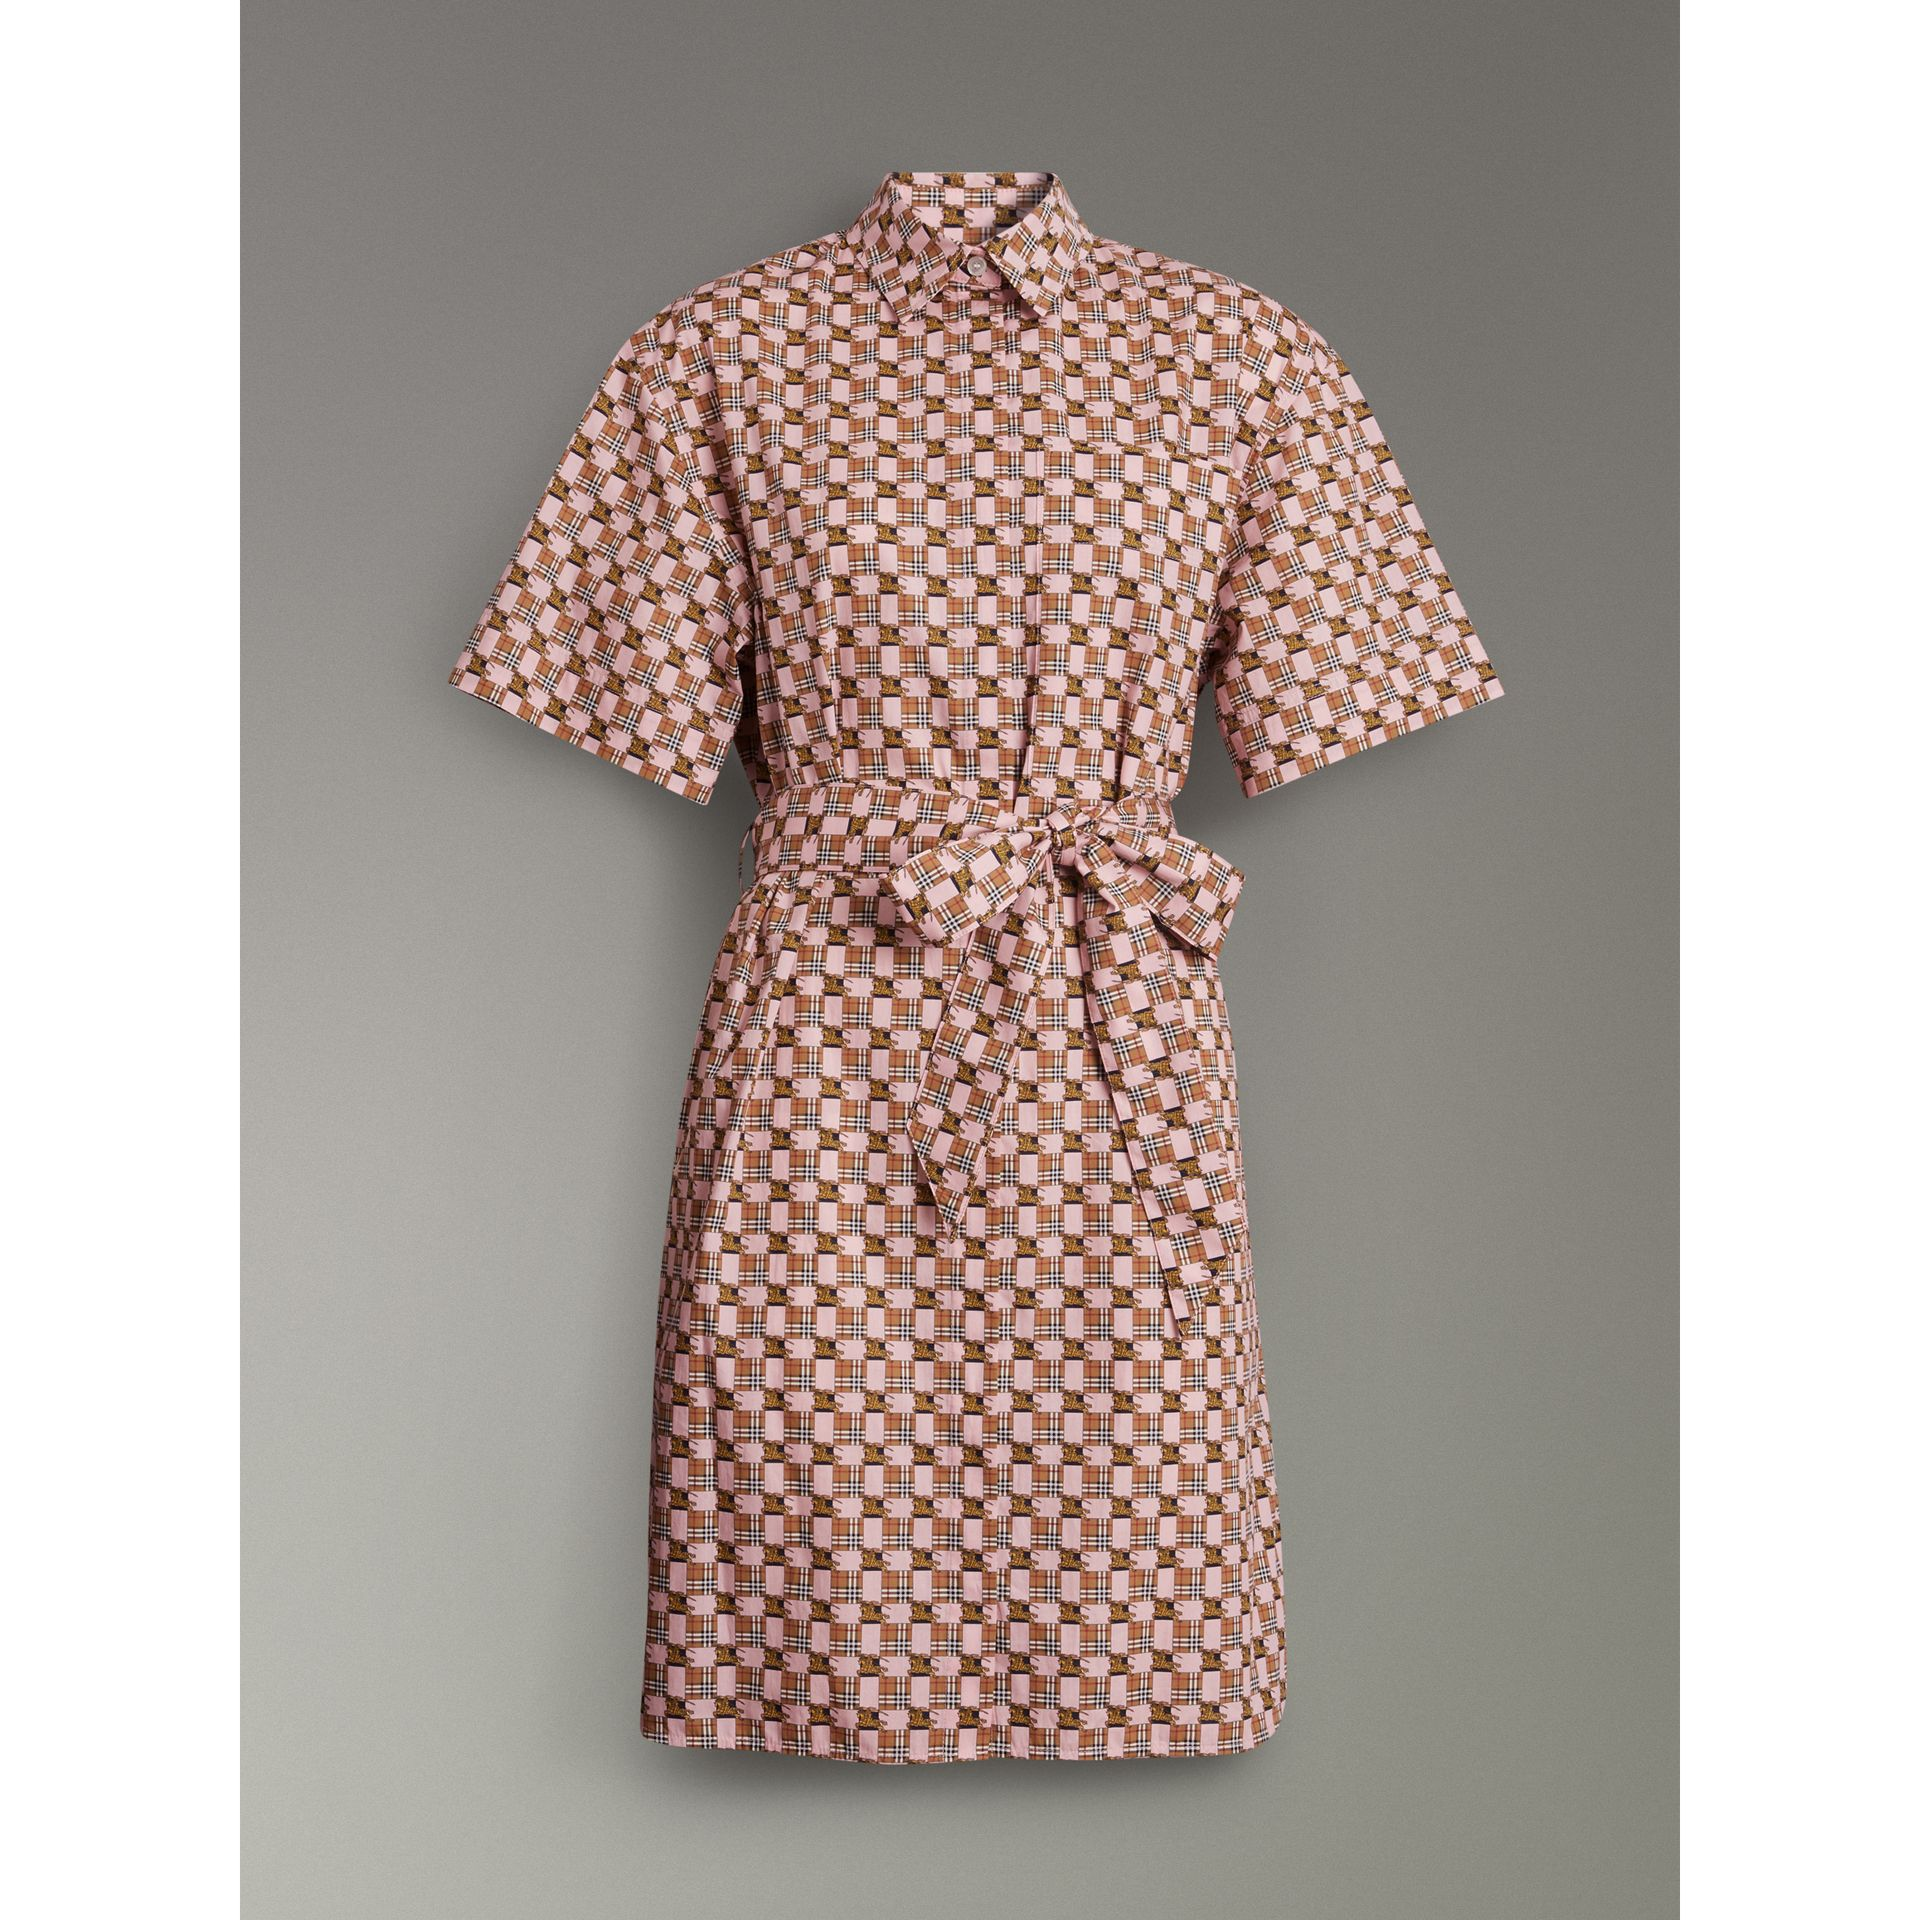 タイルアーカイブプリント コットンシャツドレス (ピンク) - ウィメンズ | バーバリー - ギャラリーイメージ 3